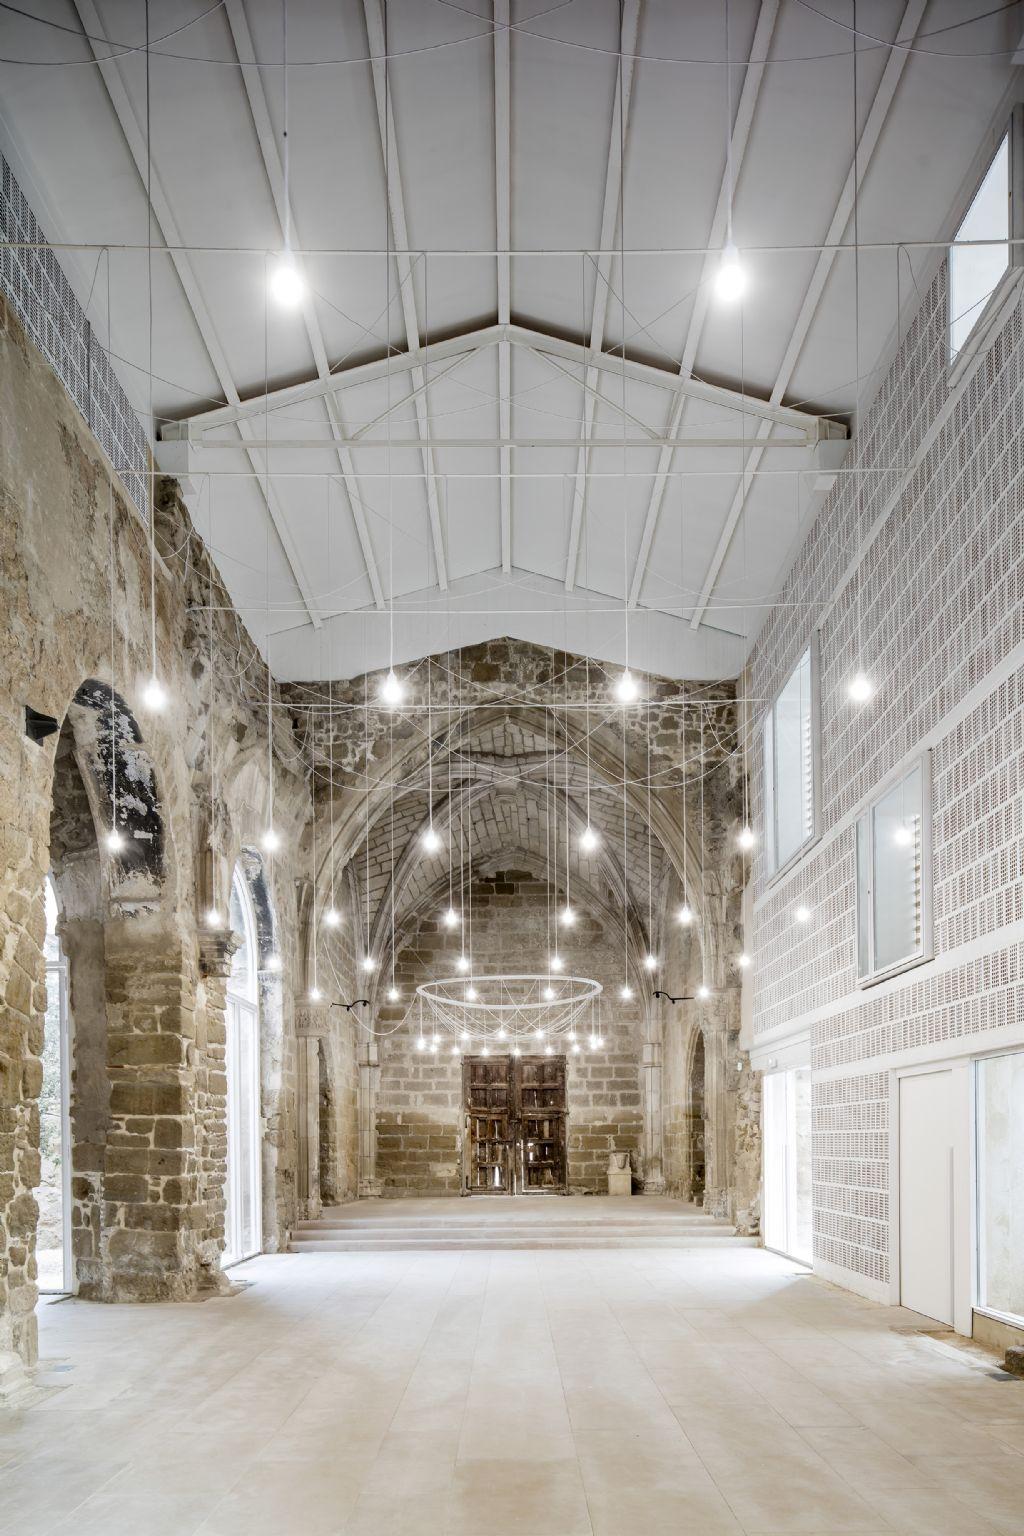 Special Prize Winner: The Old Church of Vilanova de la Barca – Category Building outside the box - AleaOlea architecture & landscape, Spain